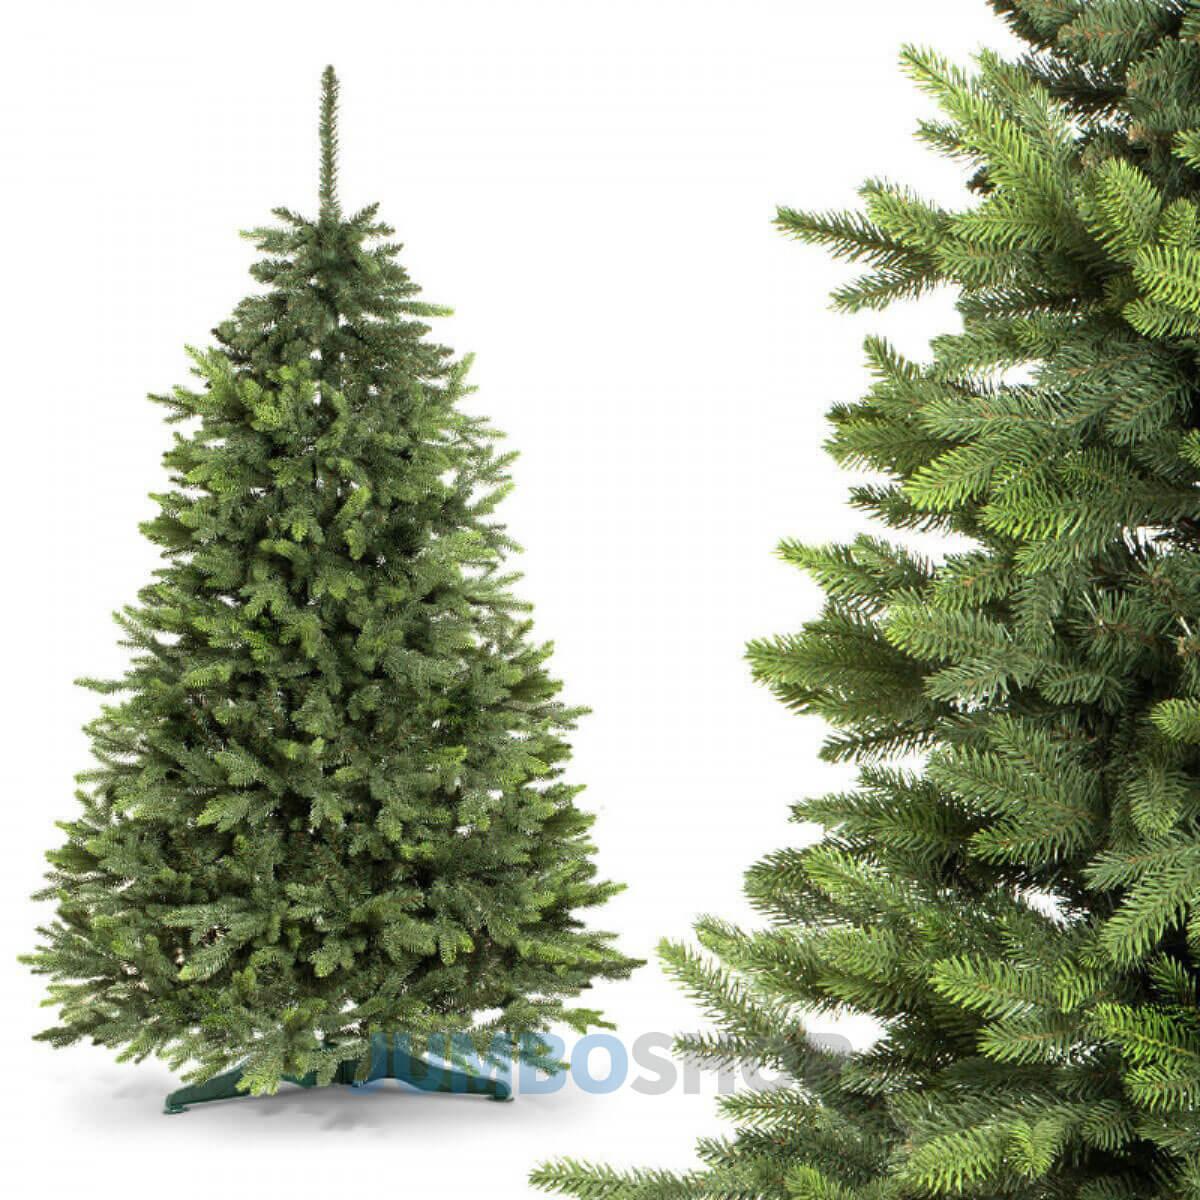 weihnachtsbaum k nstlicher tannenbaum k nstlicher christbaum spritzguss dekobaum. Black Bedroom Furniture Sets. Home Design Ideas